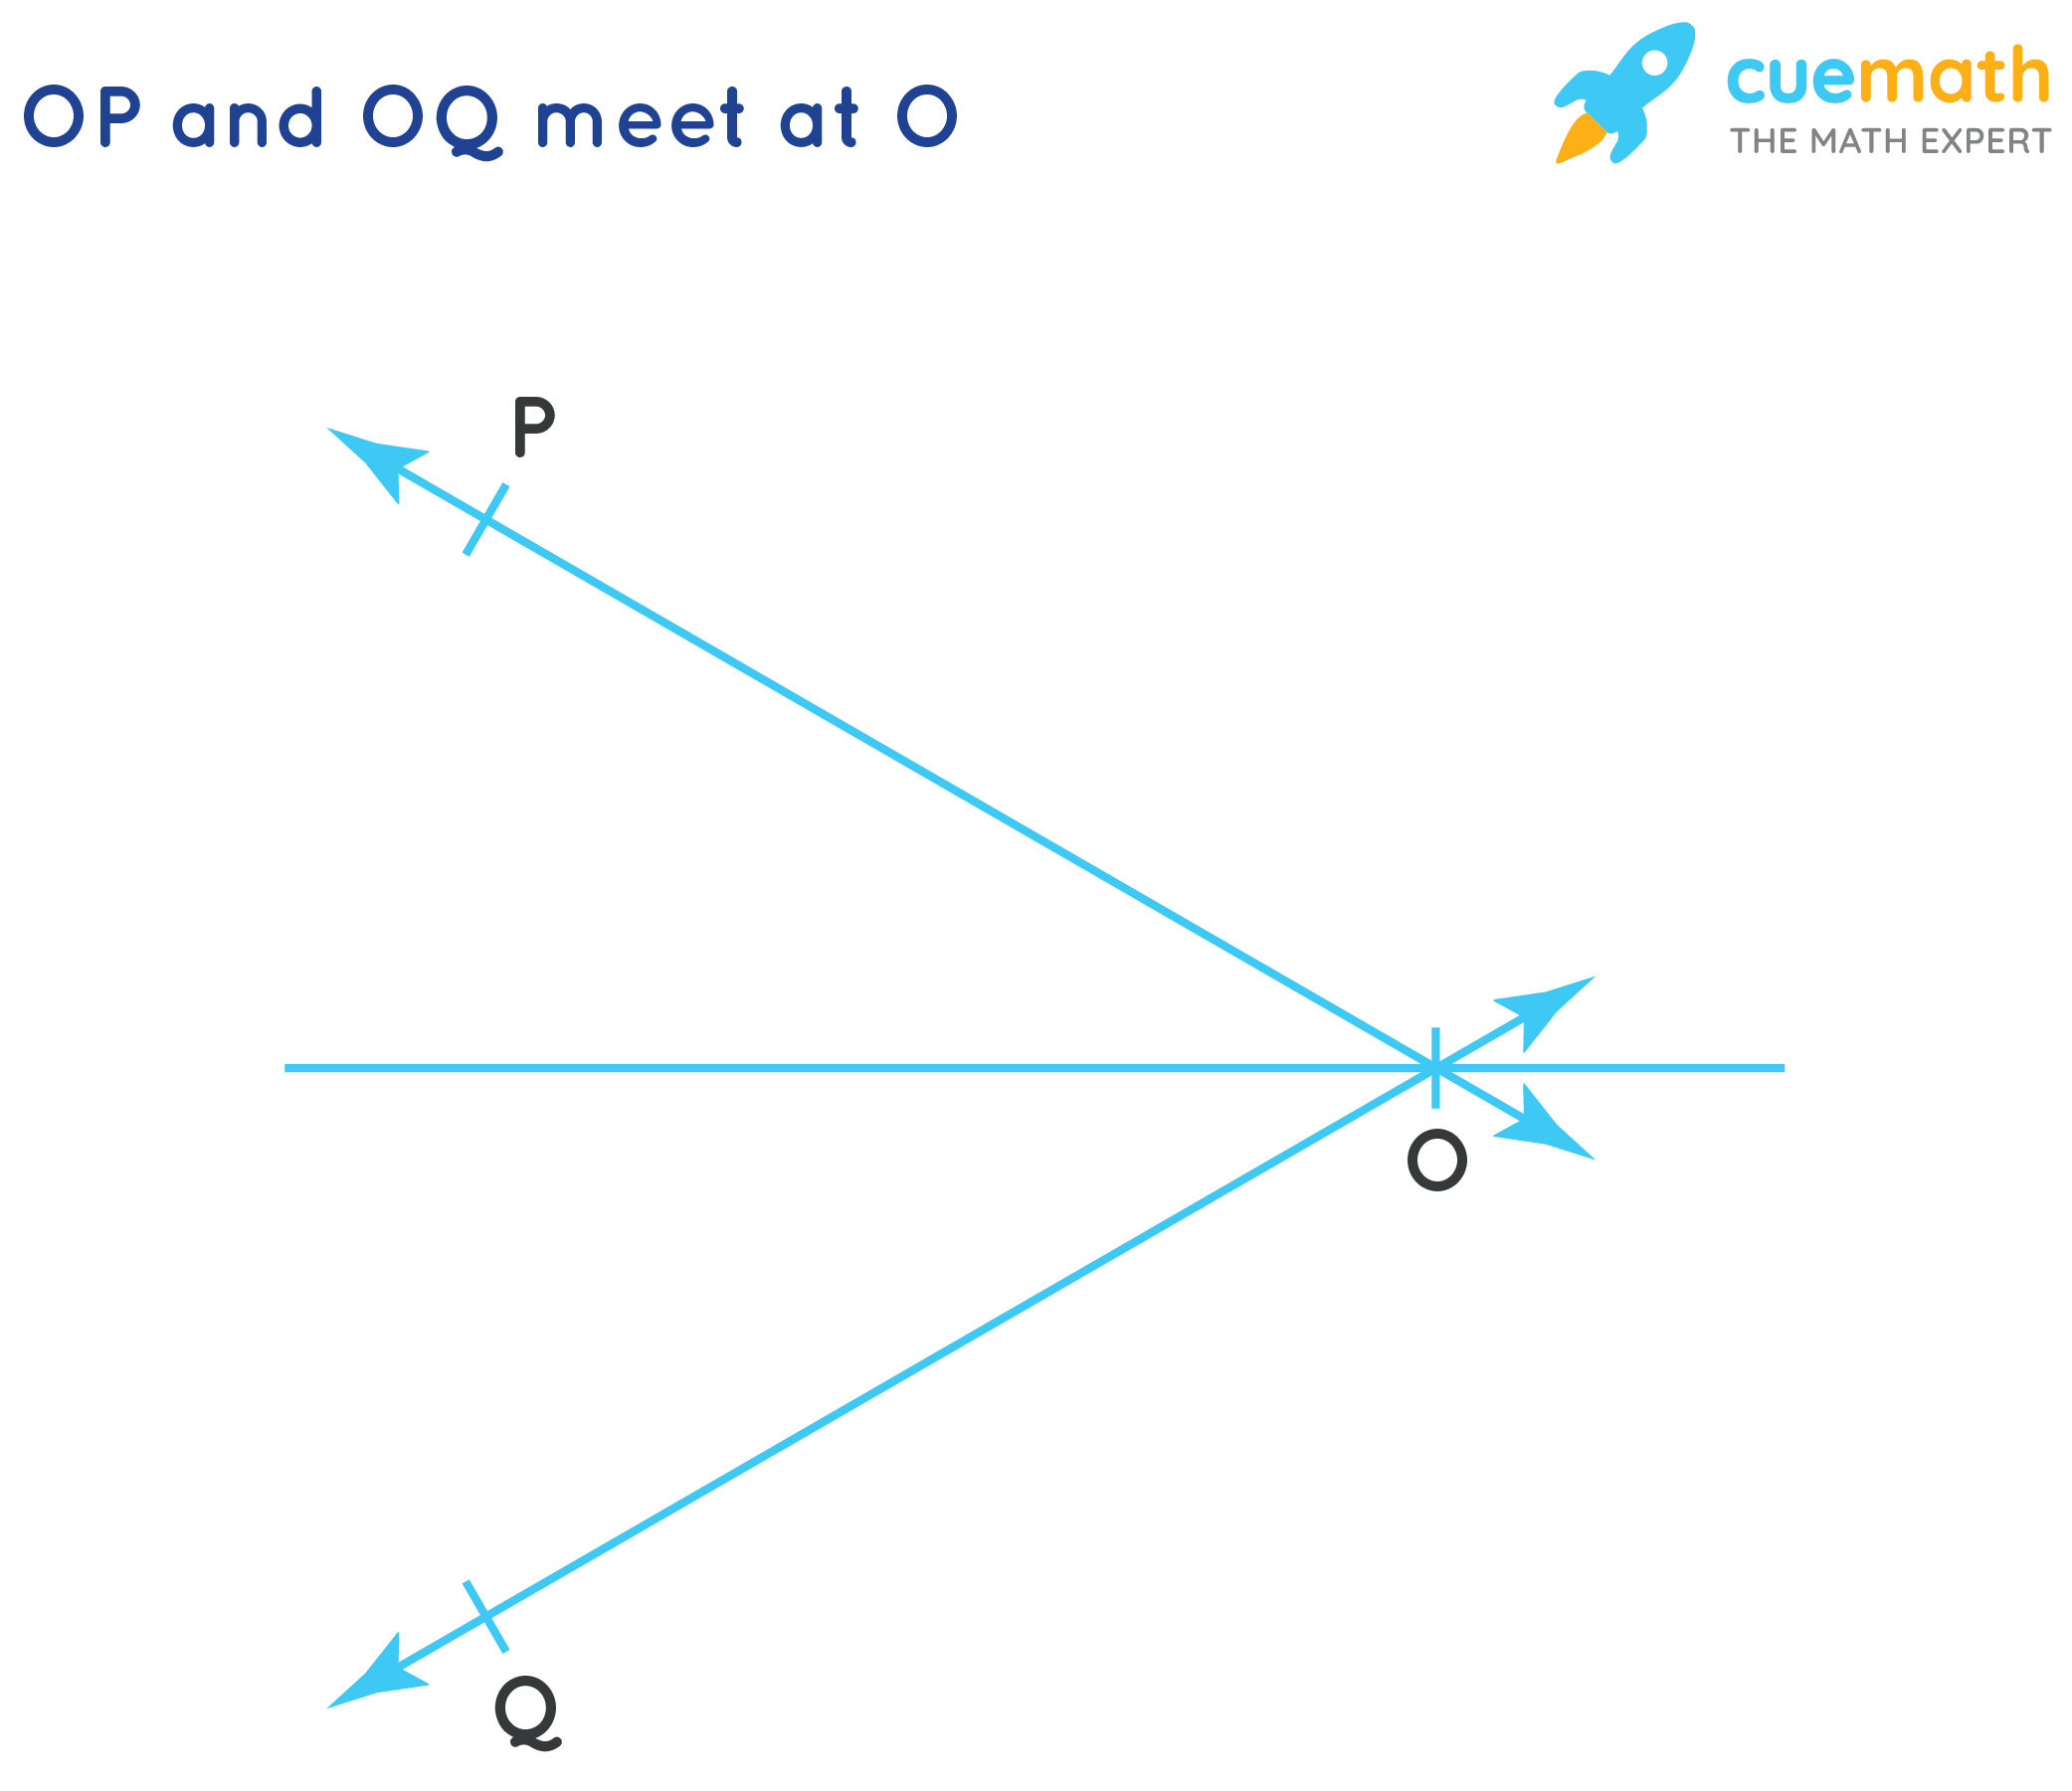 OP and OQ meet at O